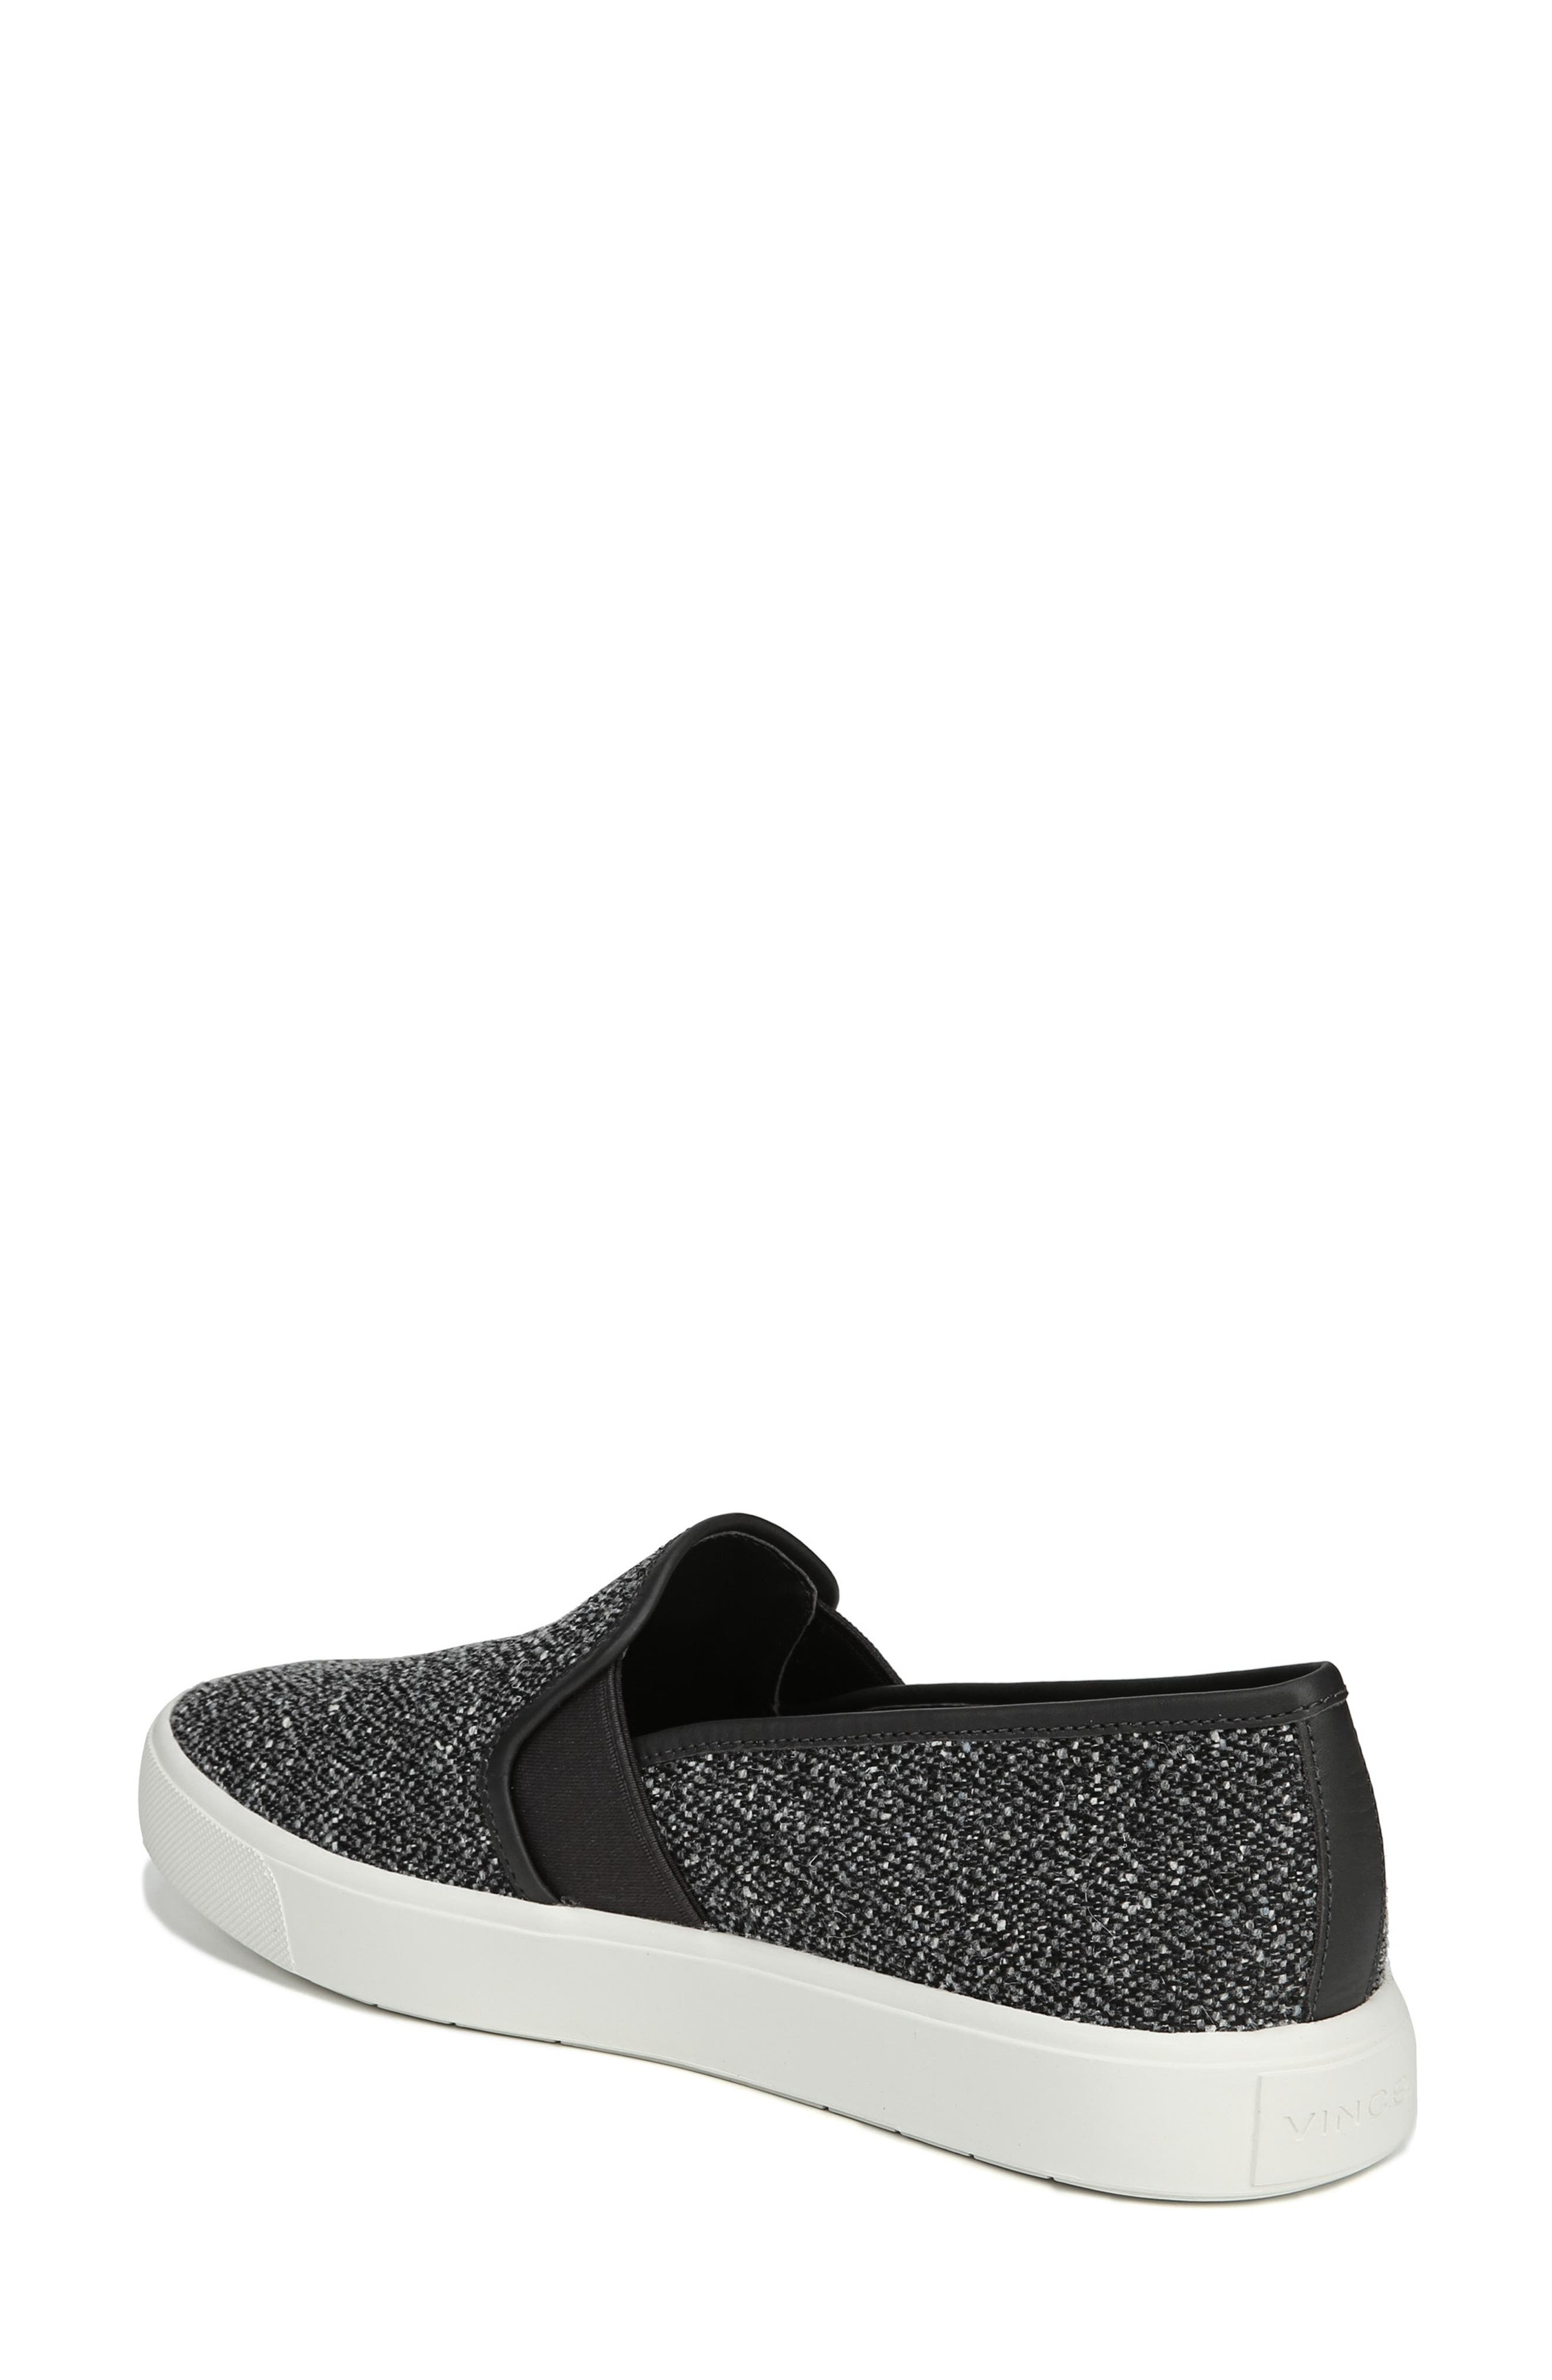 Blair 5 Slip-On Sneaker,                             Alternate thumbnail 2, color,                             GREY